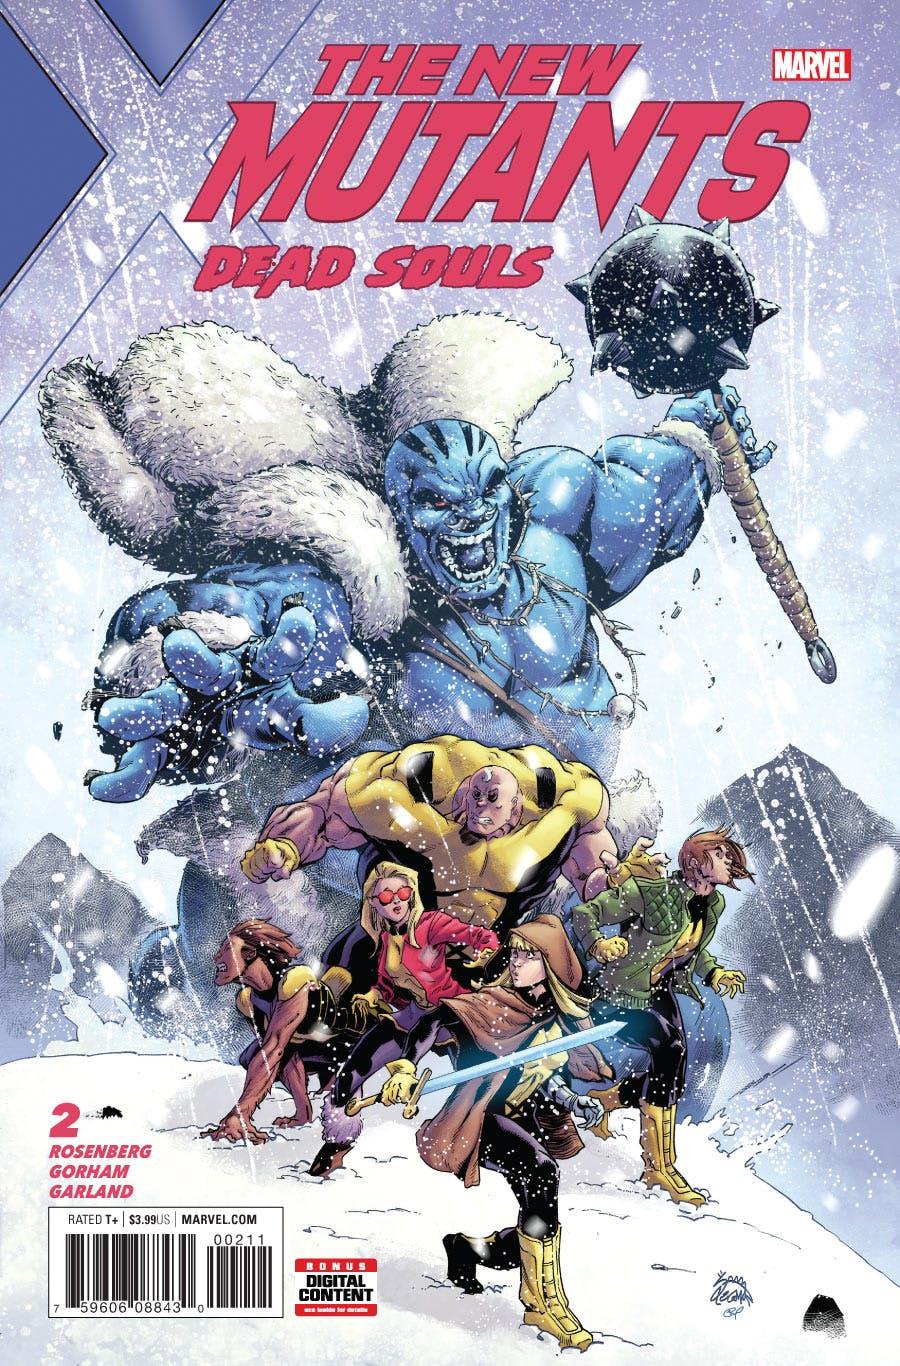 New Mutants: Dead Souls Vol 1 2